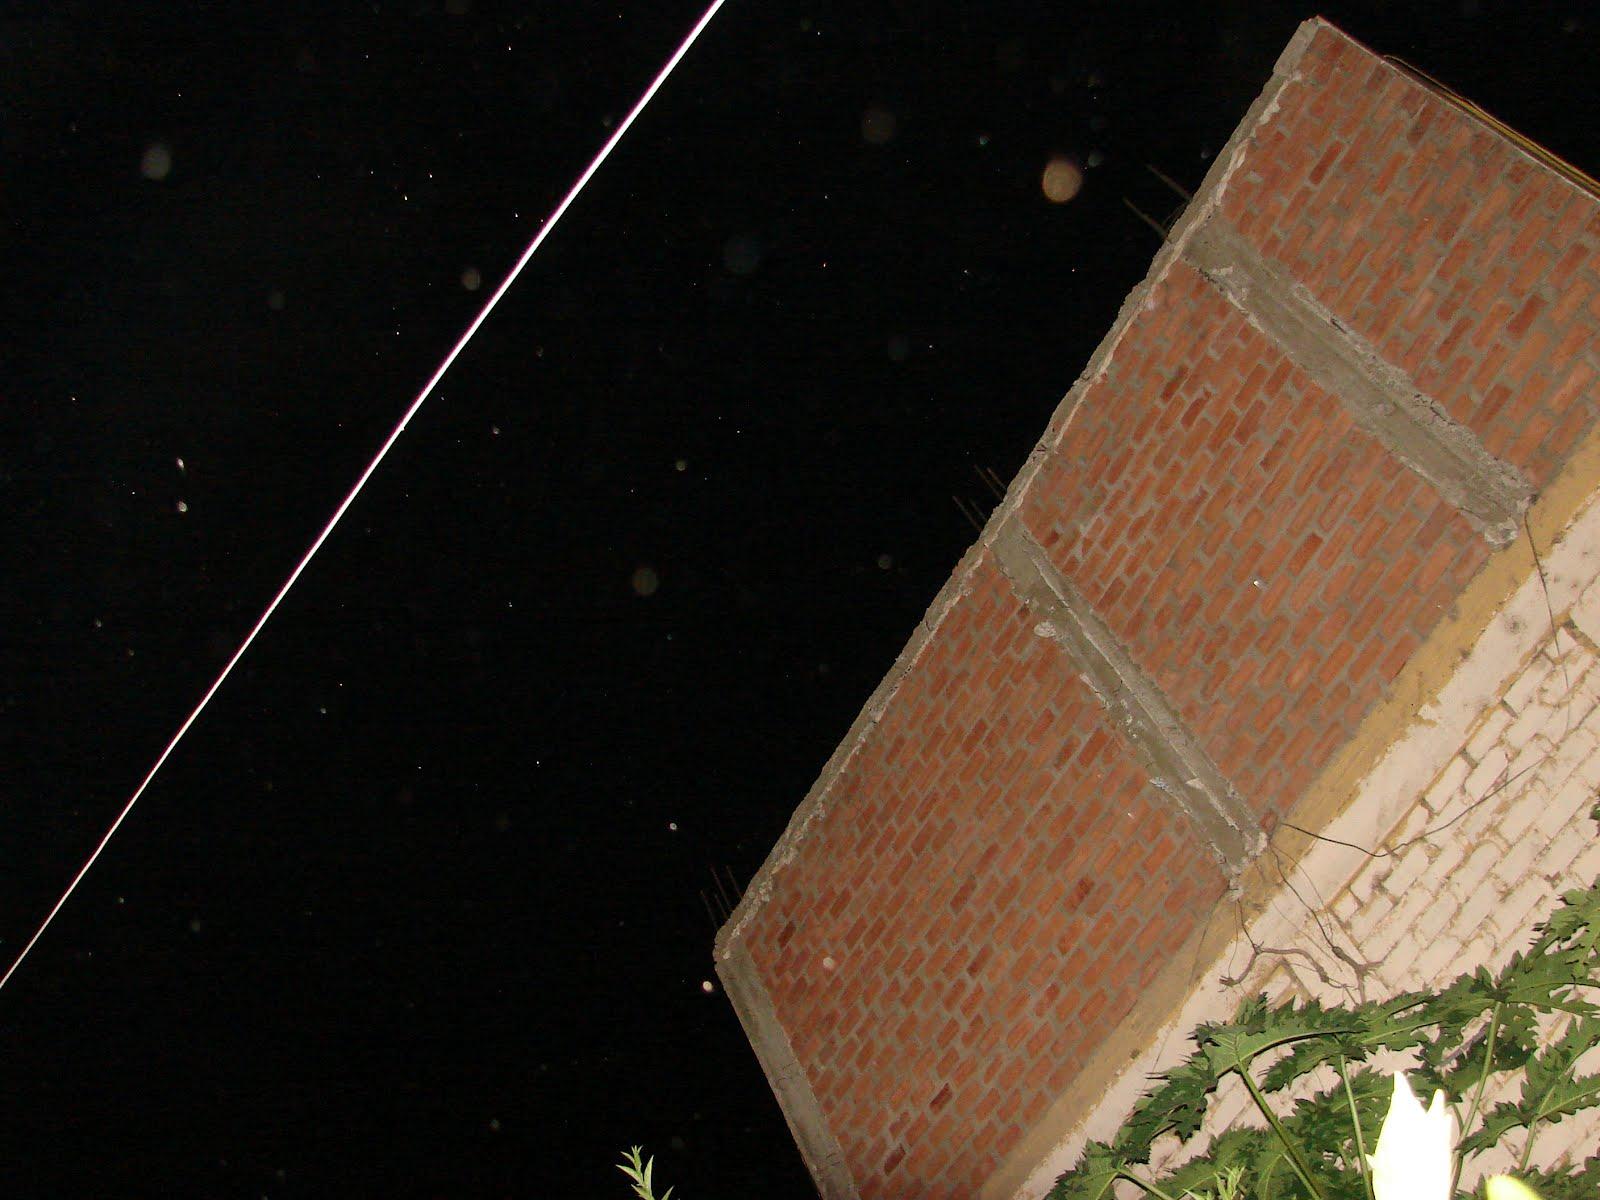 15-16-17-18-19-20...2012 uLTIMOS AVISTAMIENTOS etESFERAS ROJAS ALIENES SEC-UFO.NOW.